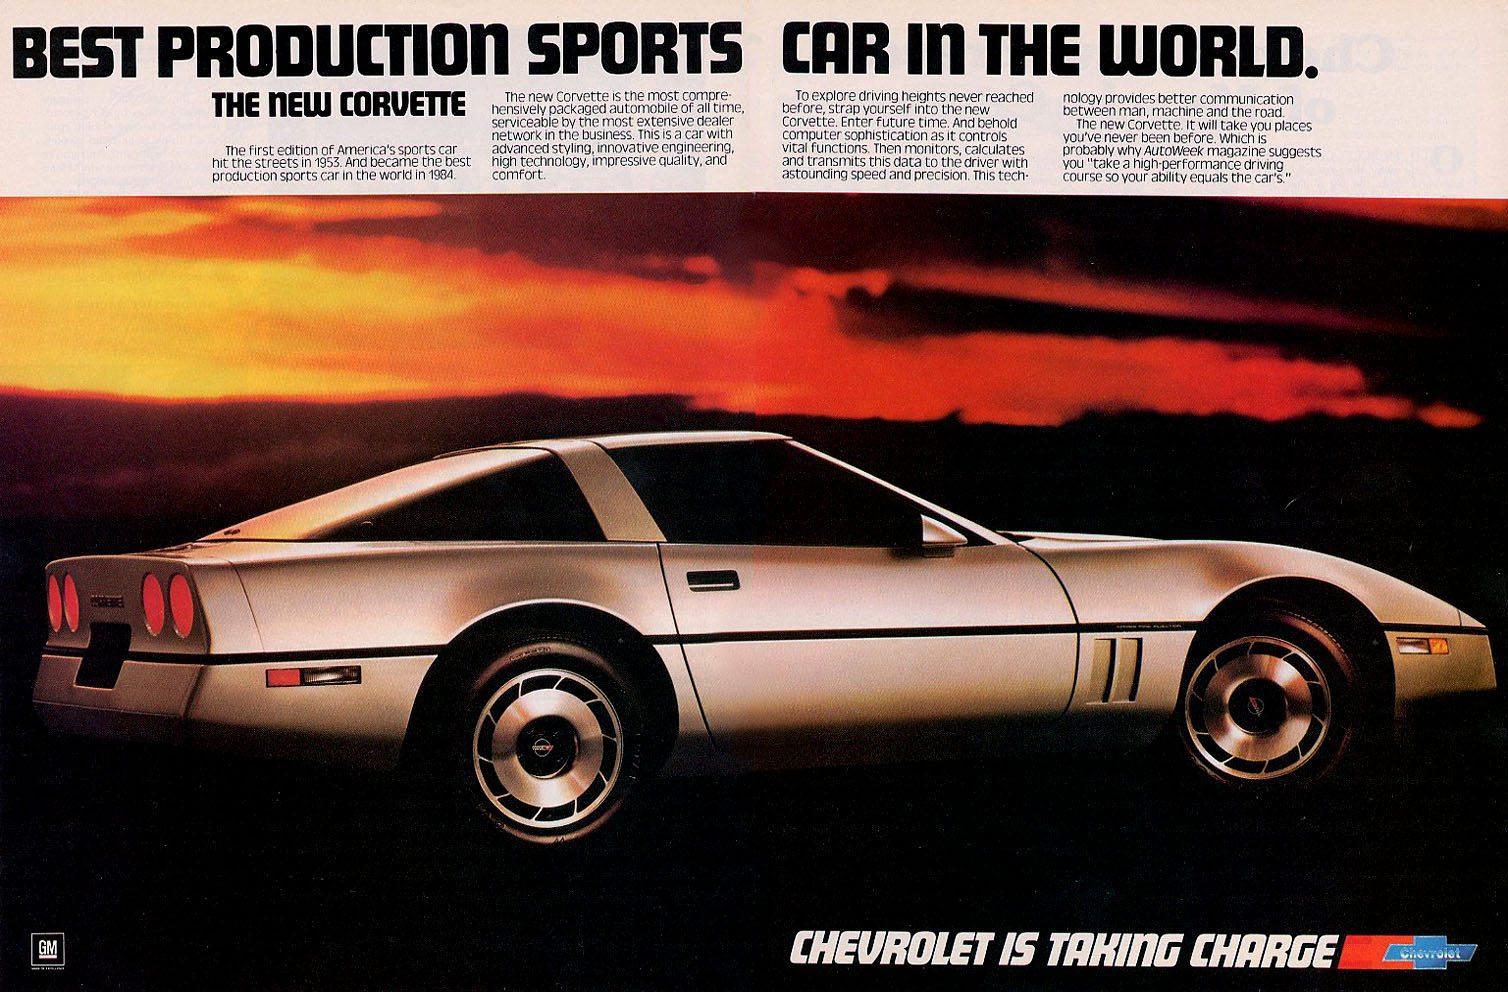 1988 Corvette Ad